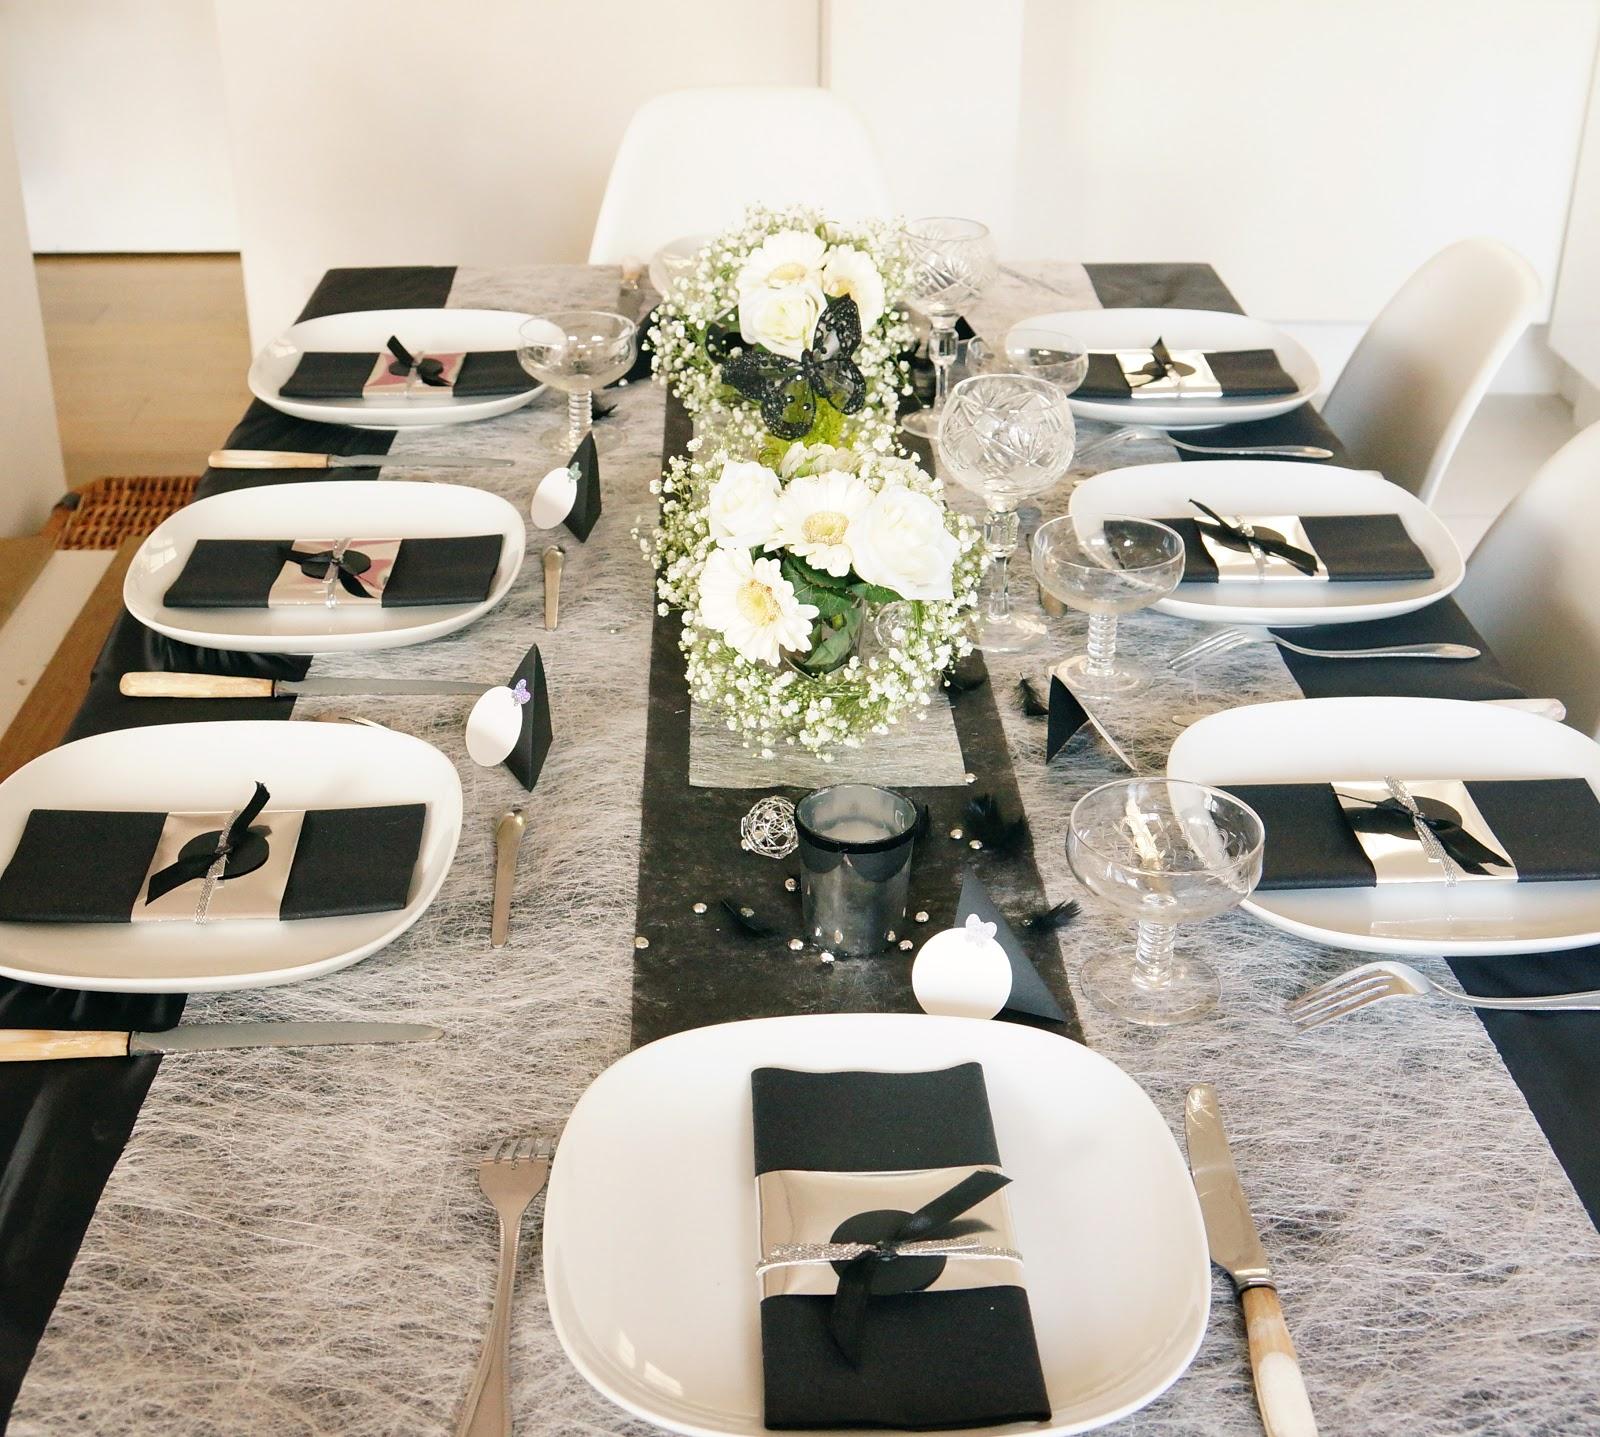 Ma boutique d co table d coration de table saint - Deco table reveillon st sylvestre ...